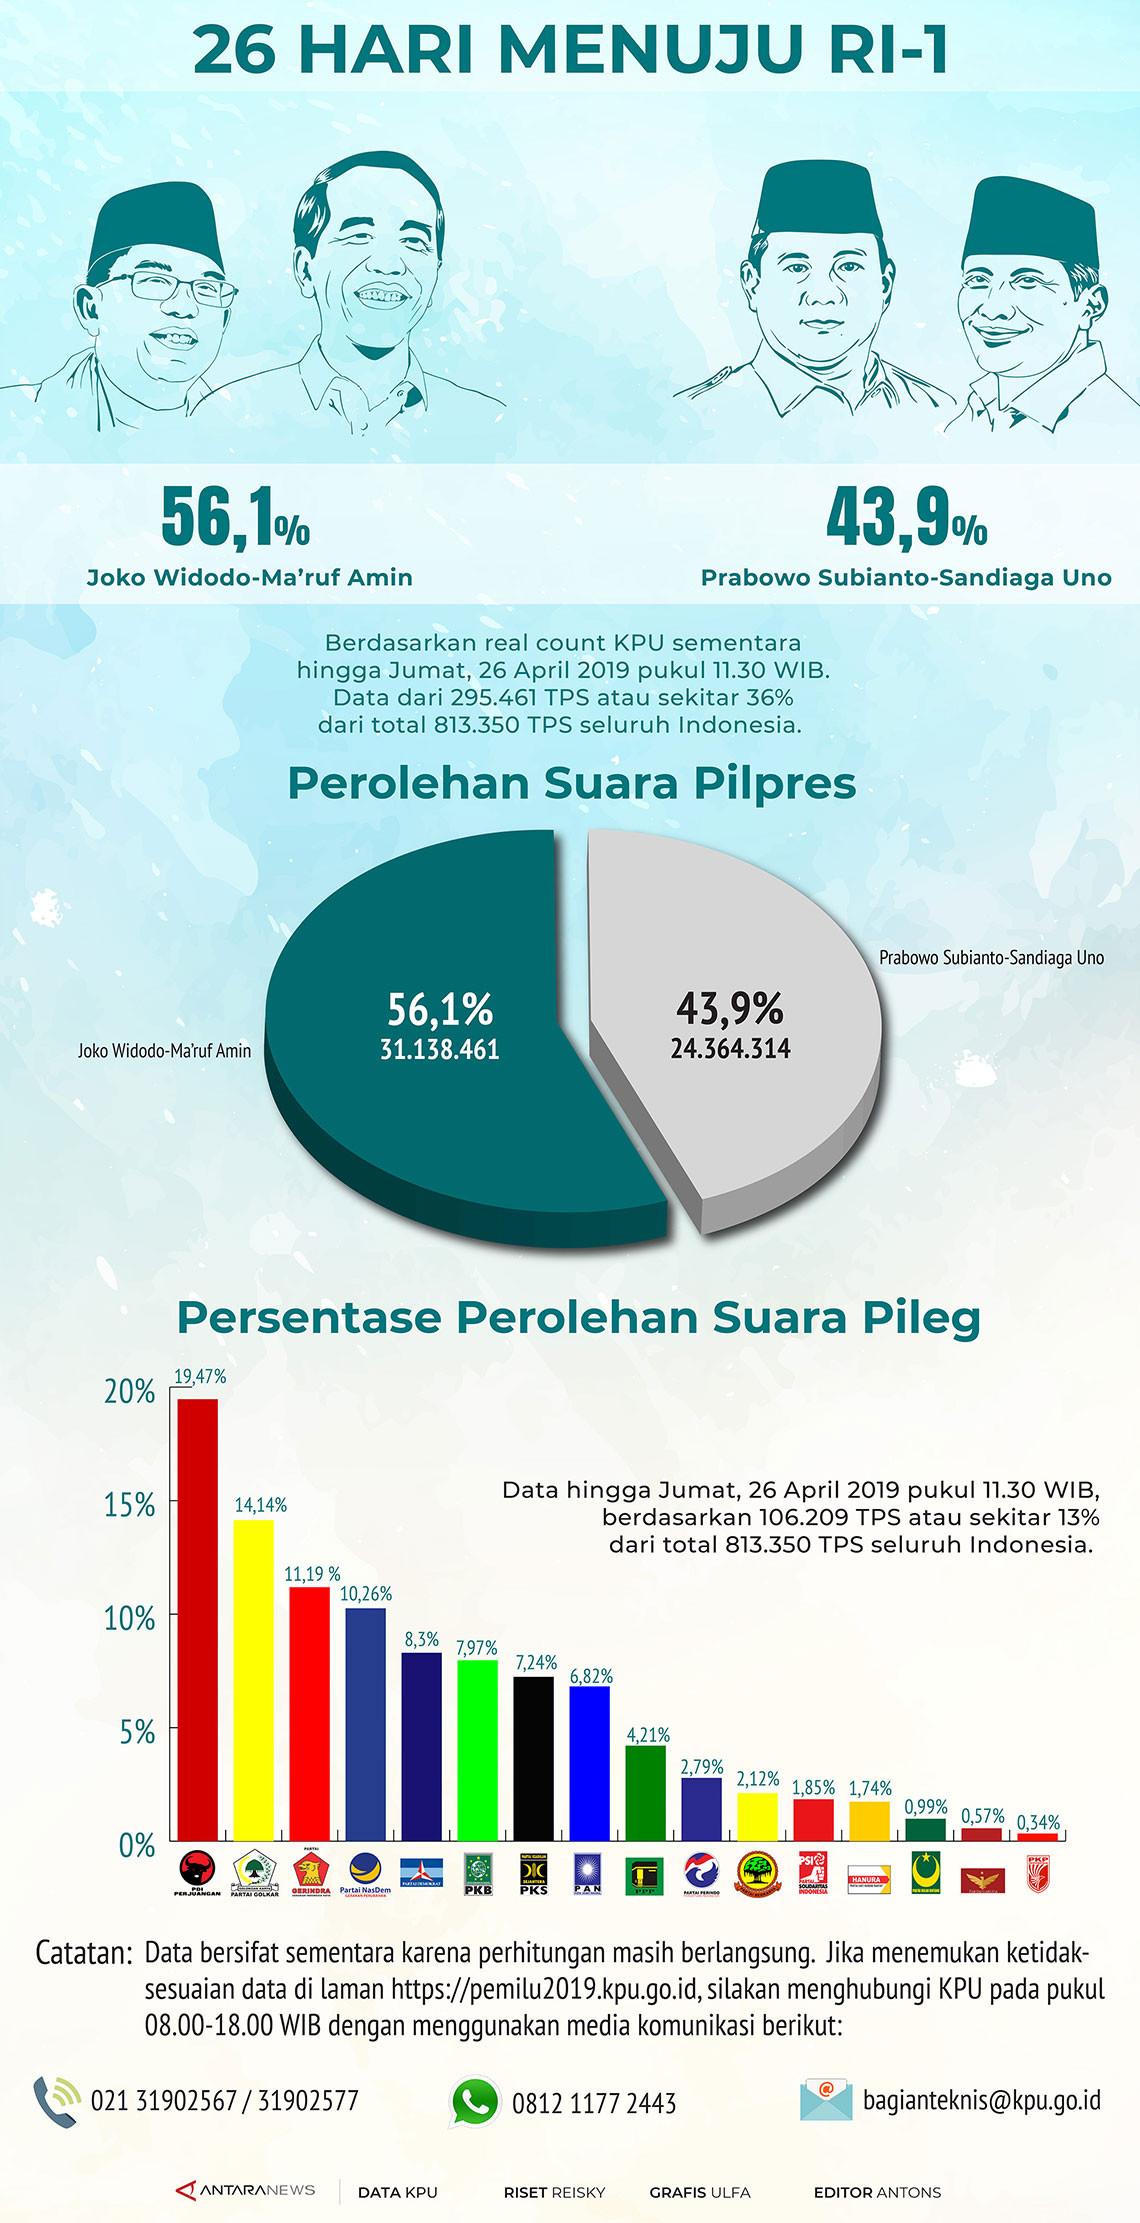 Real count KPU sudah 36%